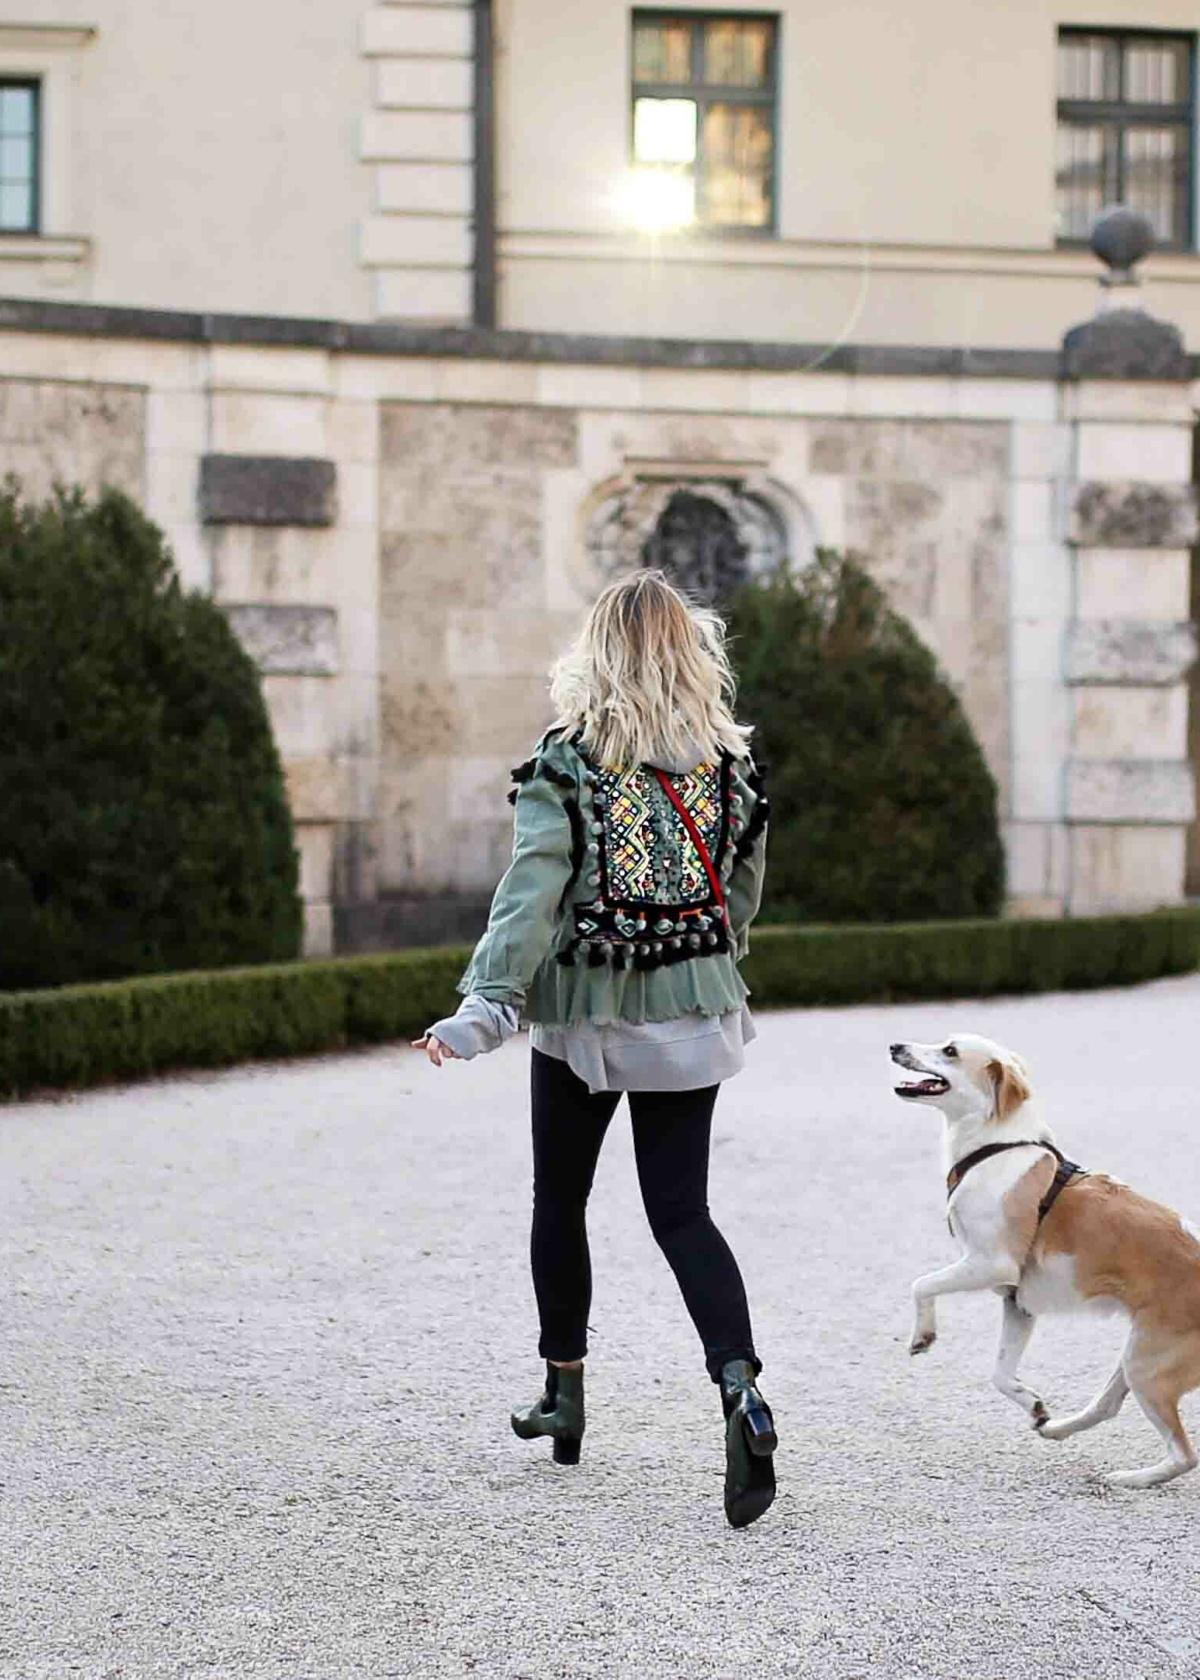 stylingliebe-lifestyleblogger-fashionblog-muenchen-styleblog-munich-blogger-deutschland-fashionblogger-bloggerdeutschland-lifestyleblog-modeblog-germanblogger-warum-du-einen-hund-haben-solltest-1